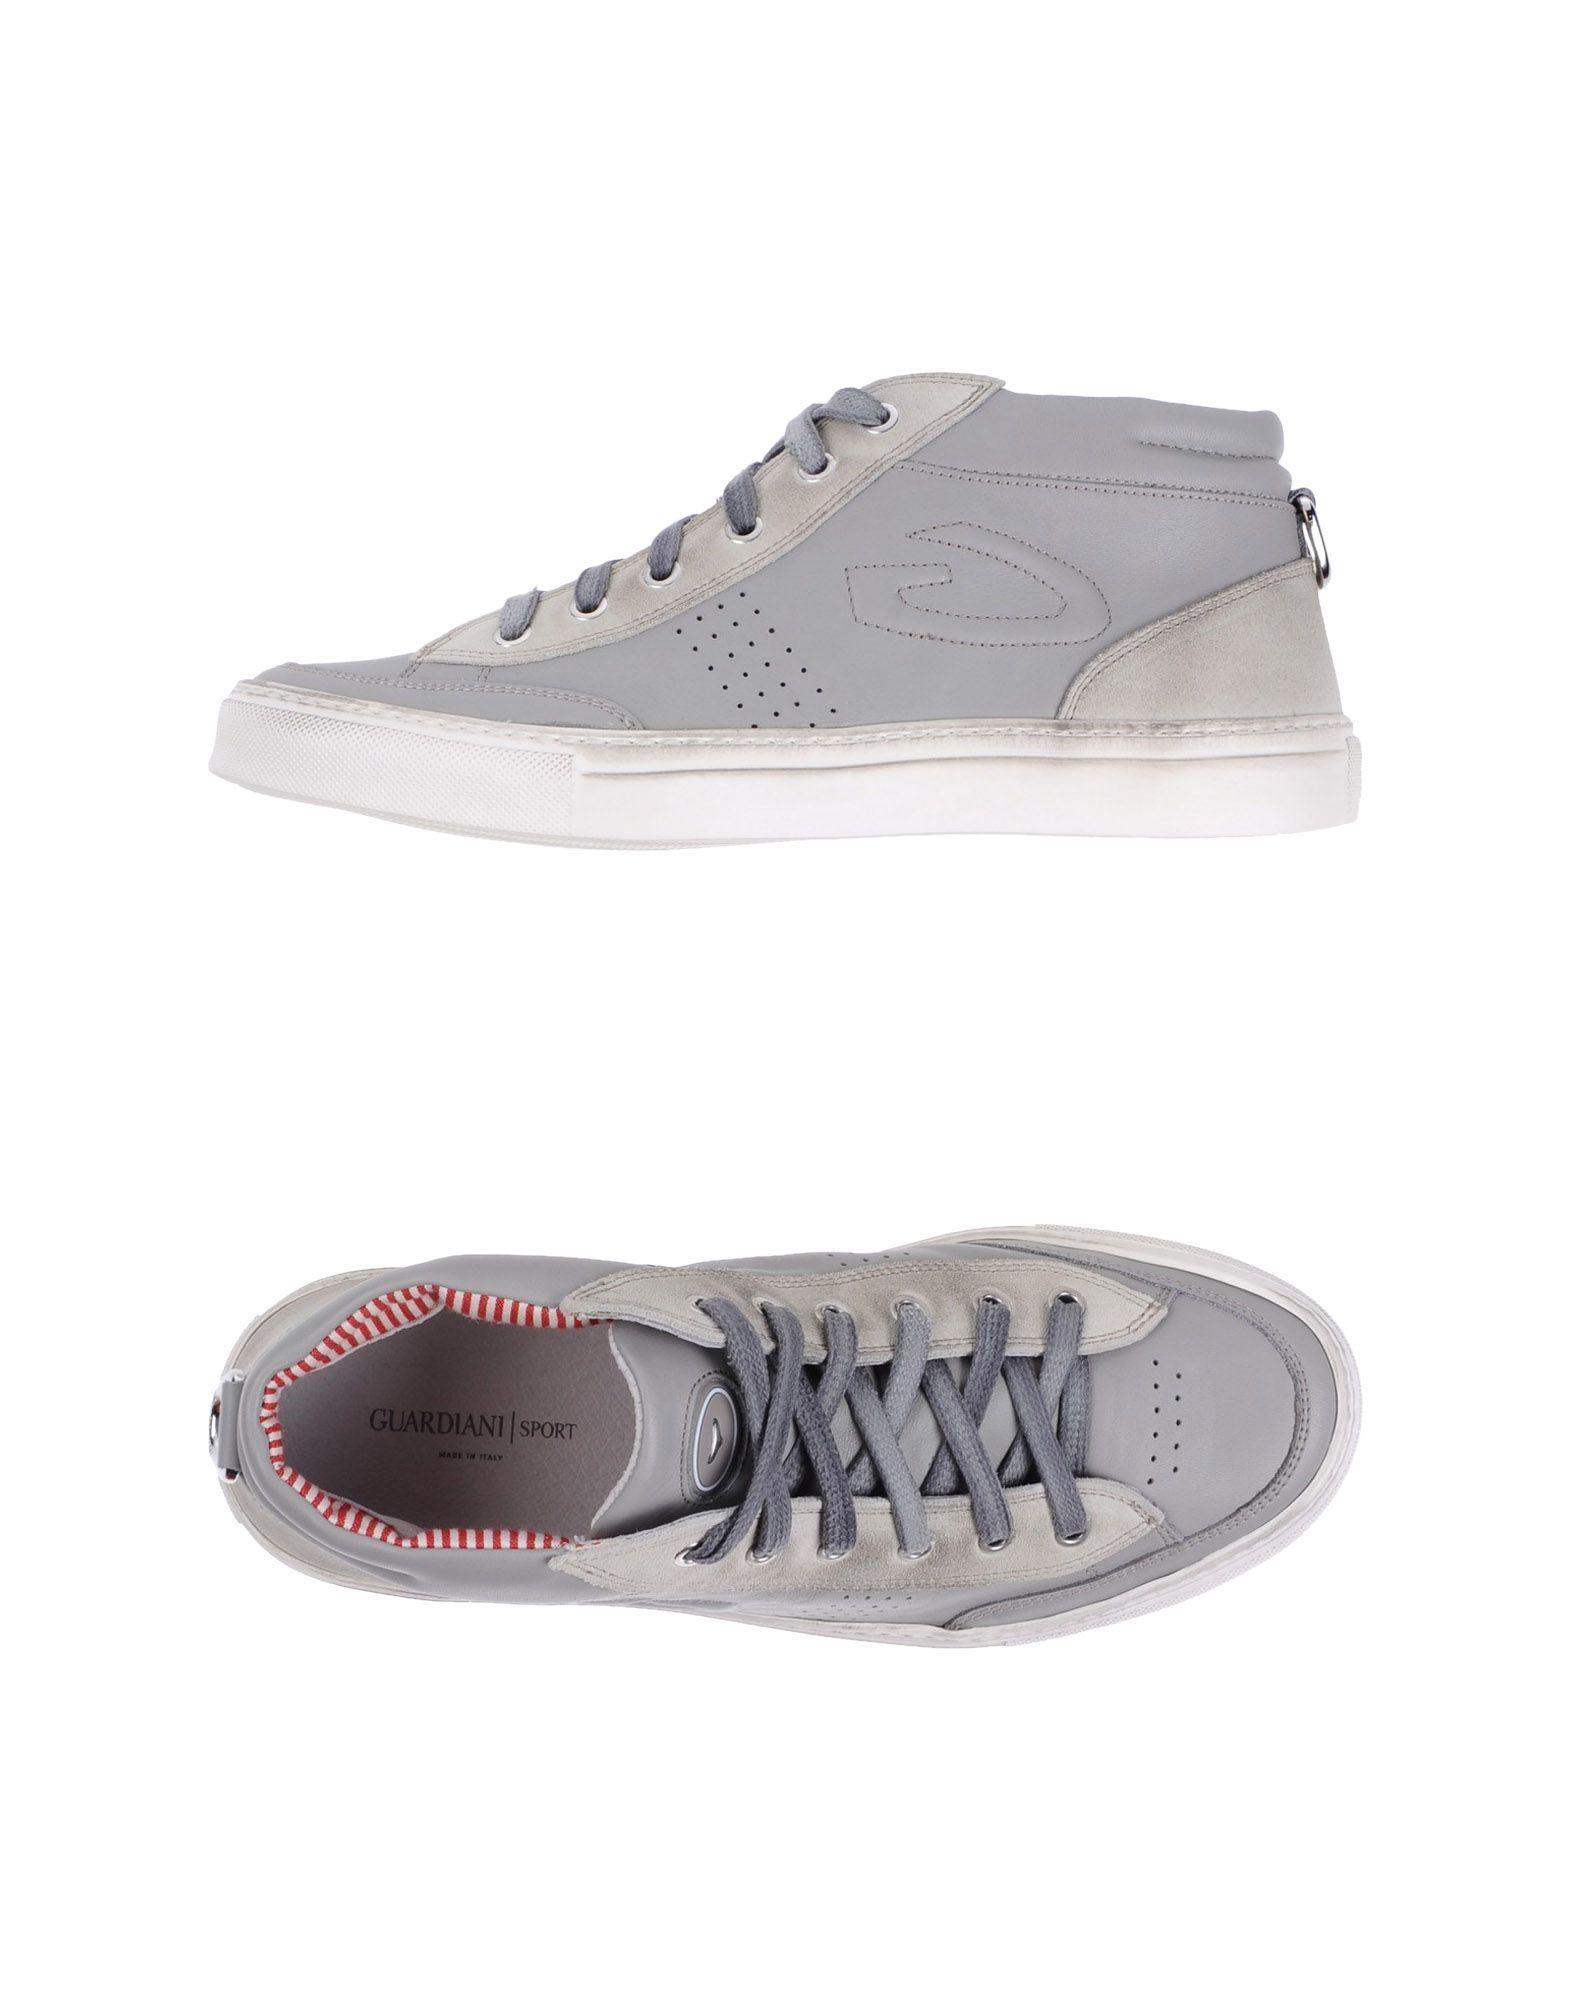 Alberto Alberto Guardiani Sneakers - Men Alberto Alberto Guardiani Sneakers online on  Australia - 44601471LT 130af5